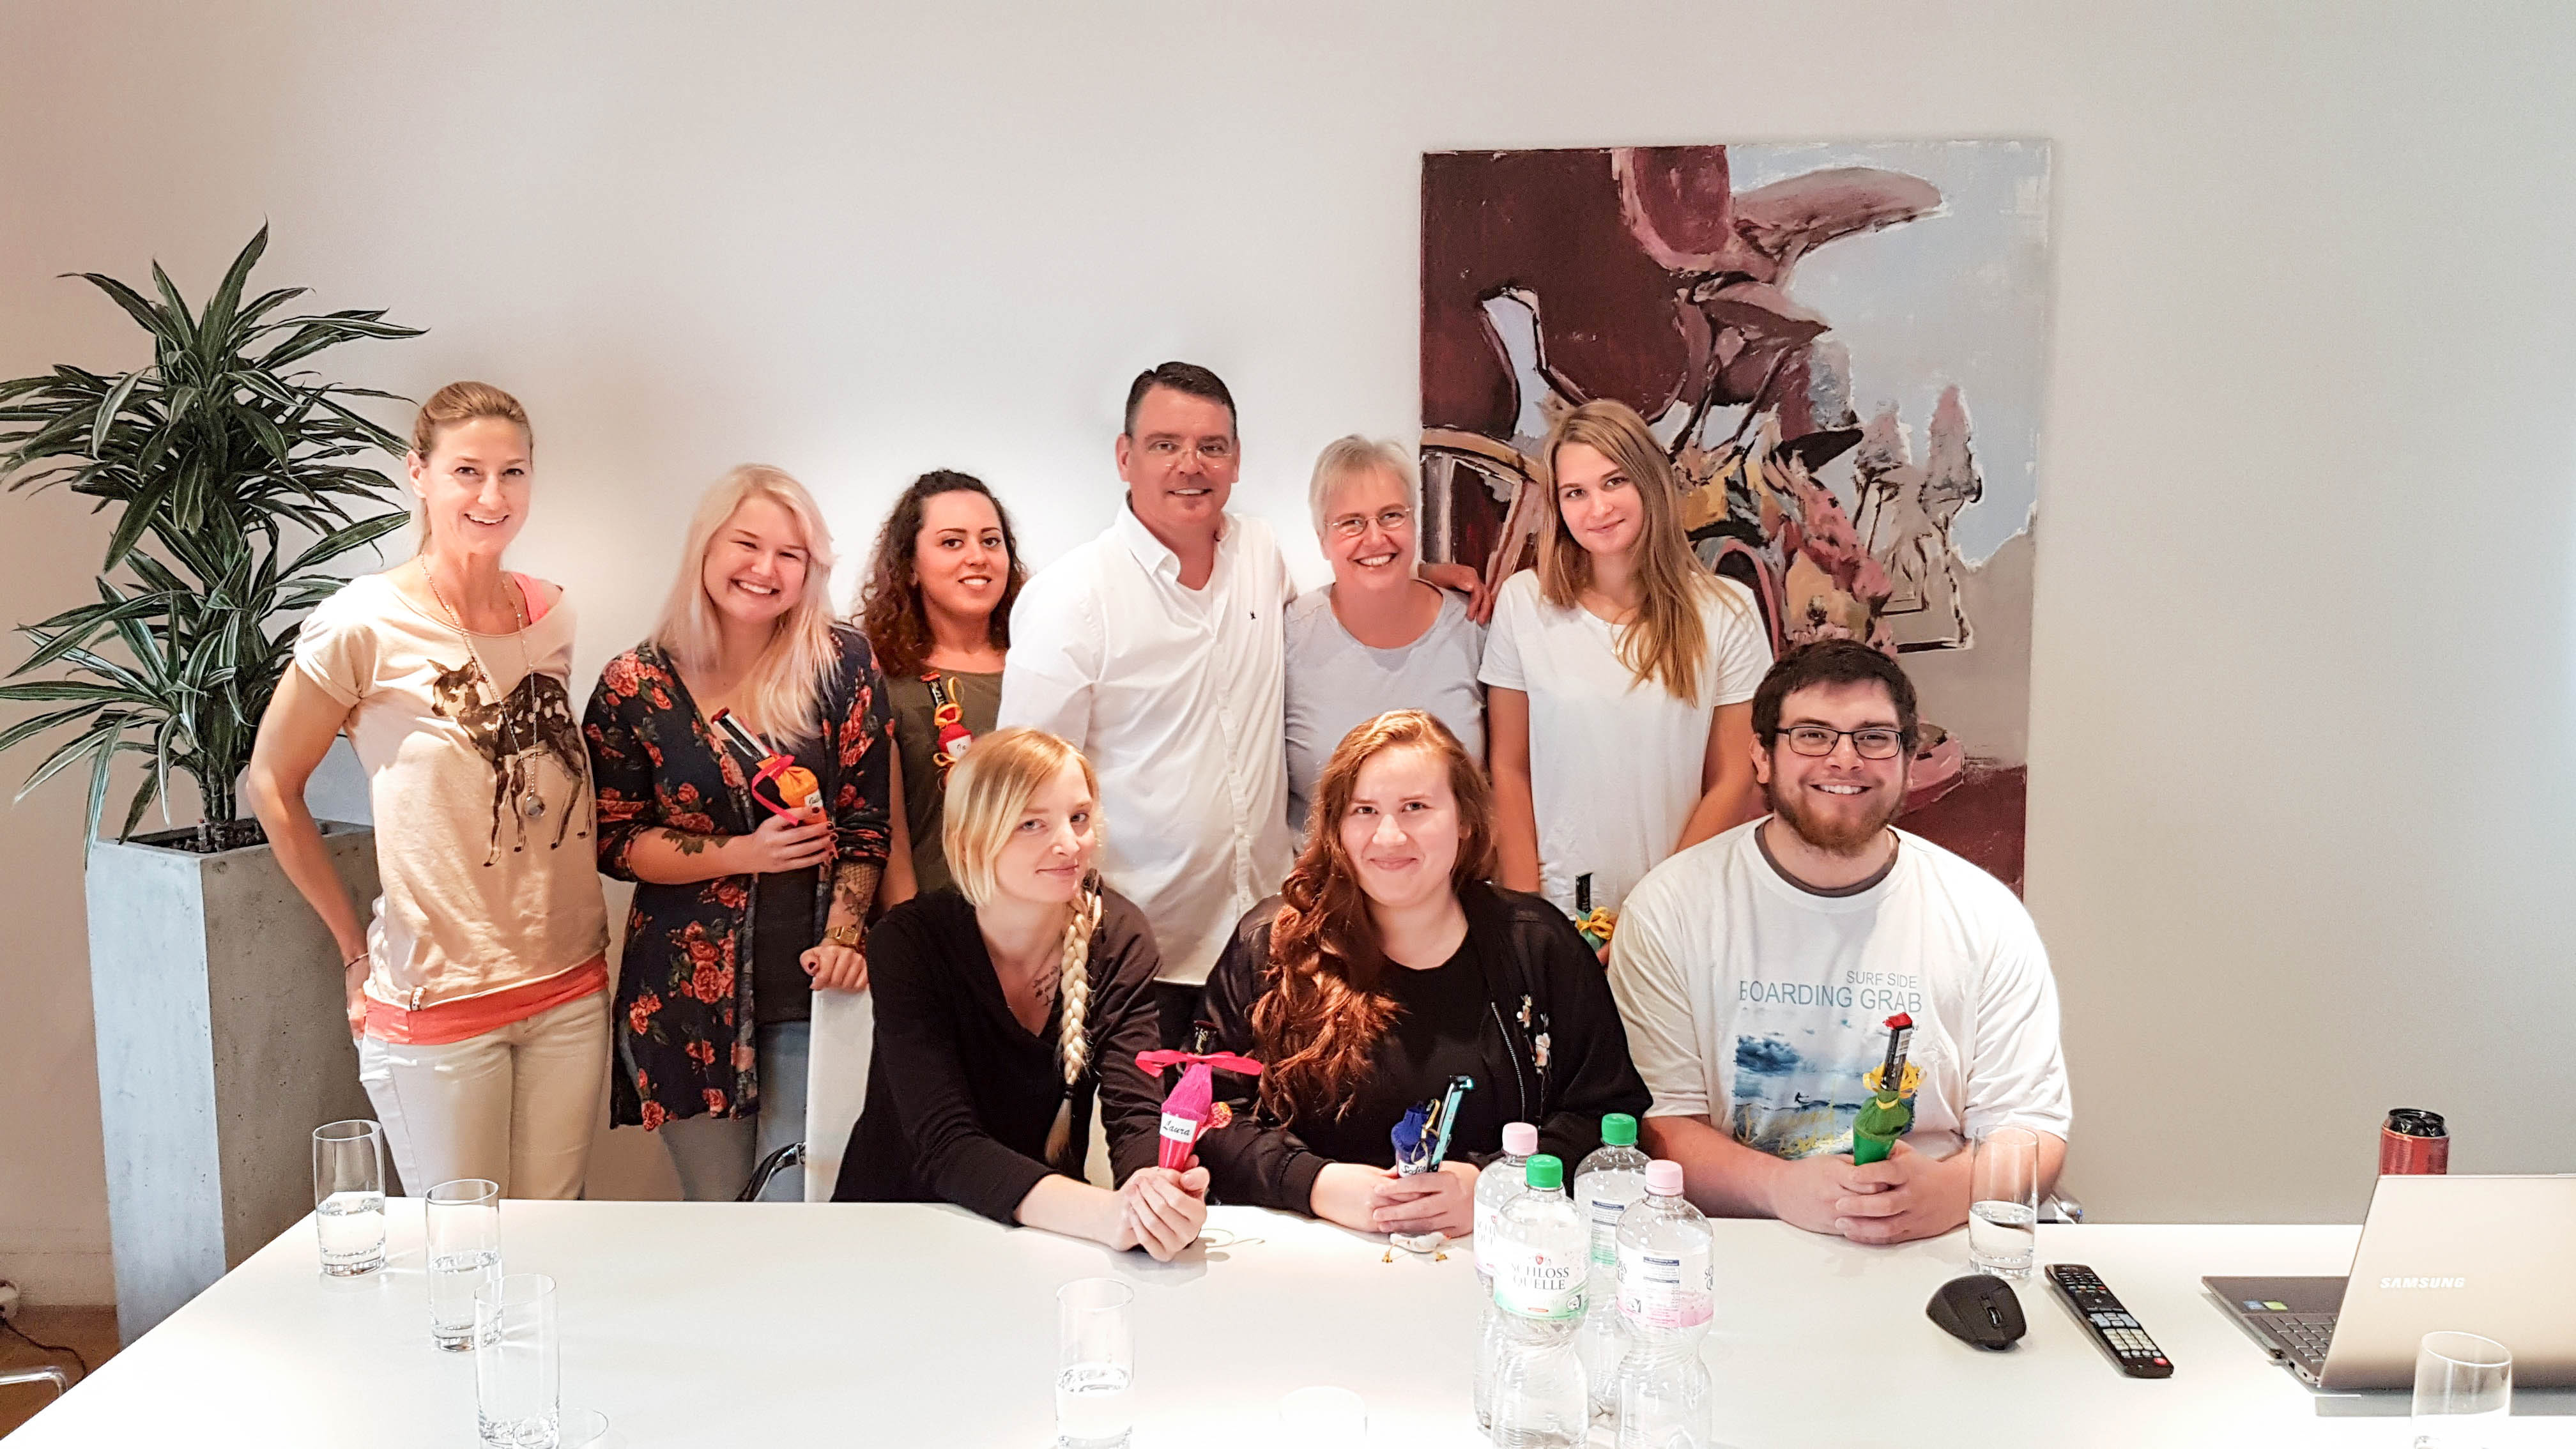 anyMOTION begrüßt die neuen Auszubildenden 2017 Fachkräfte Digitalagentur Internetagentur NRW Düsseldorf Köln